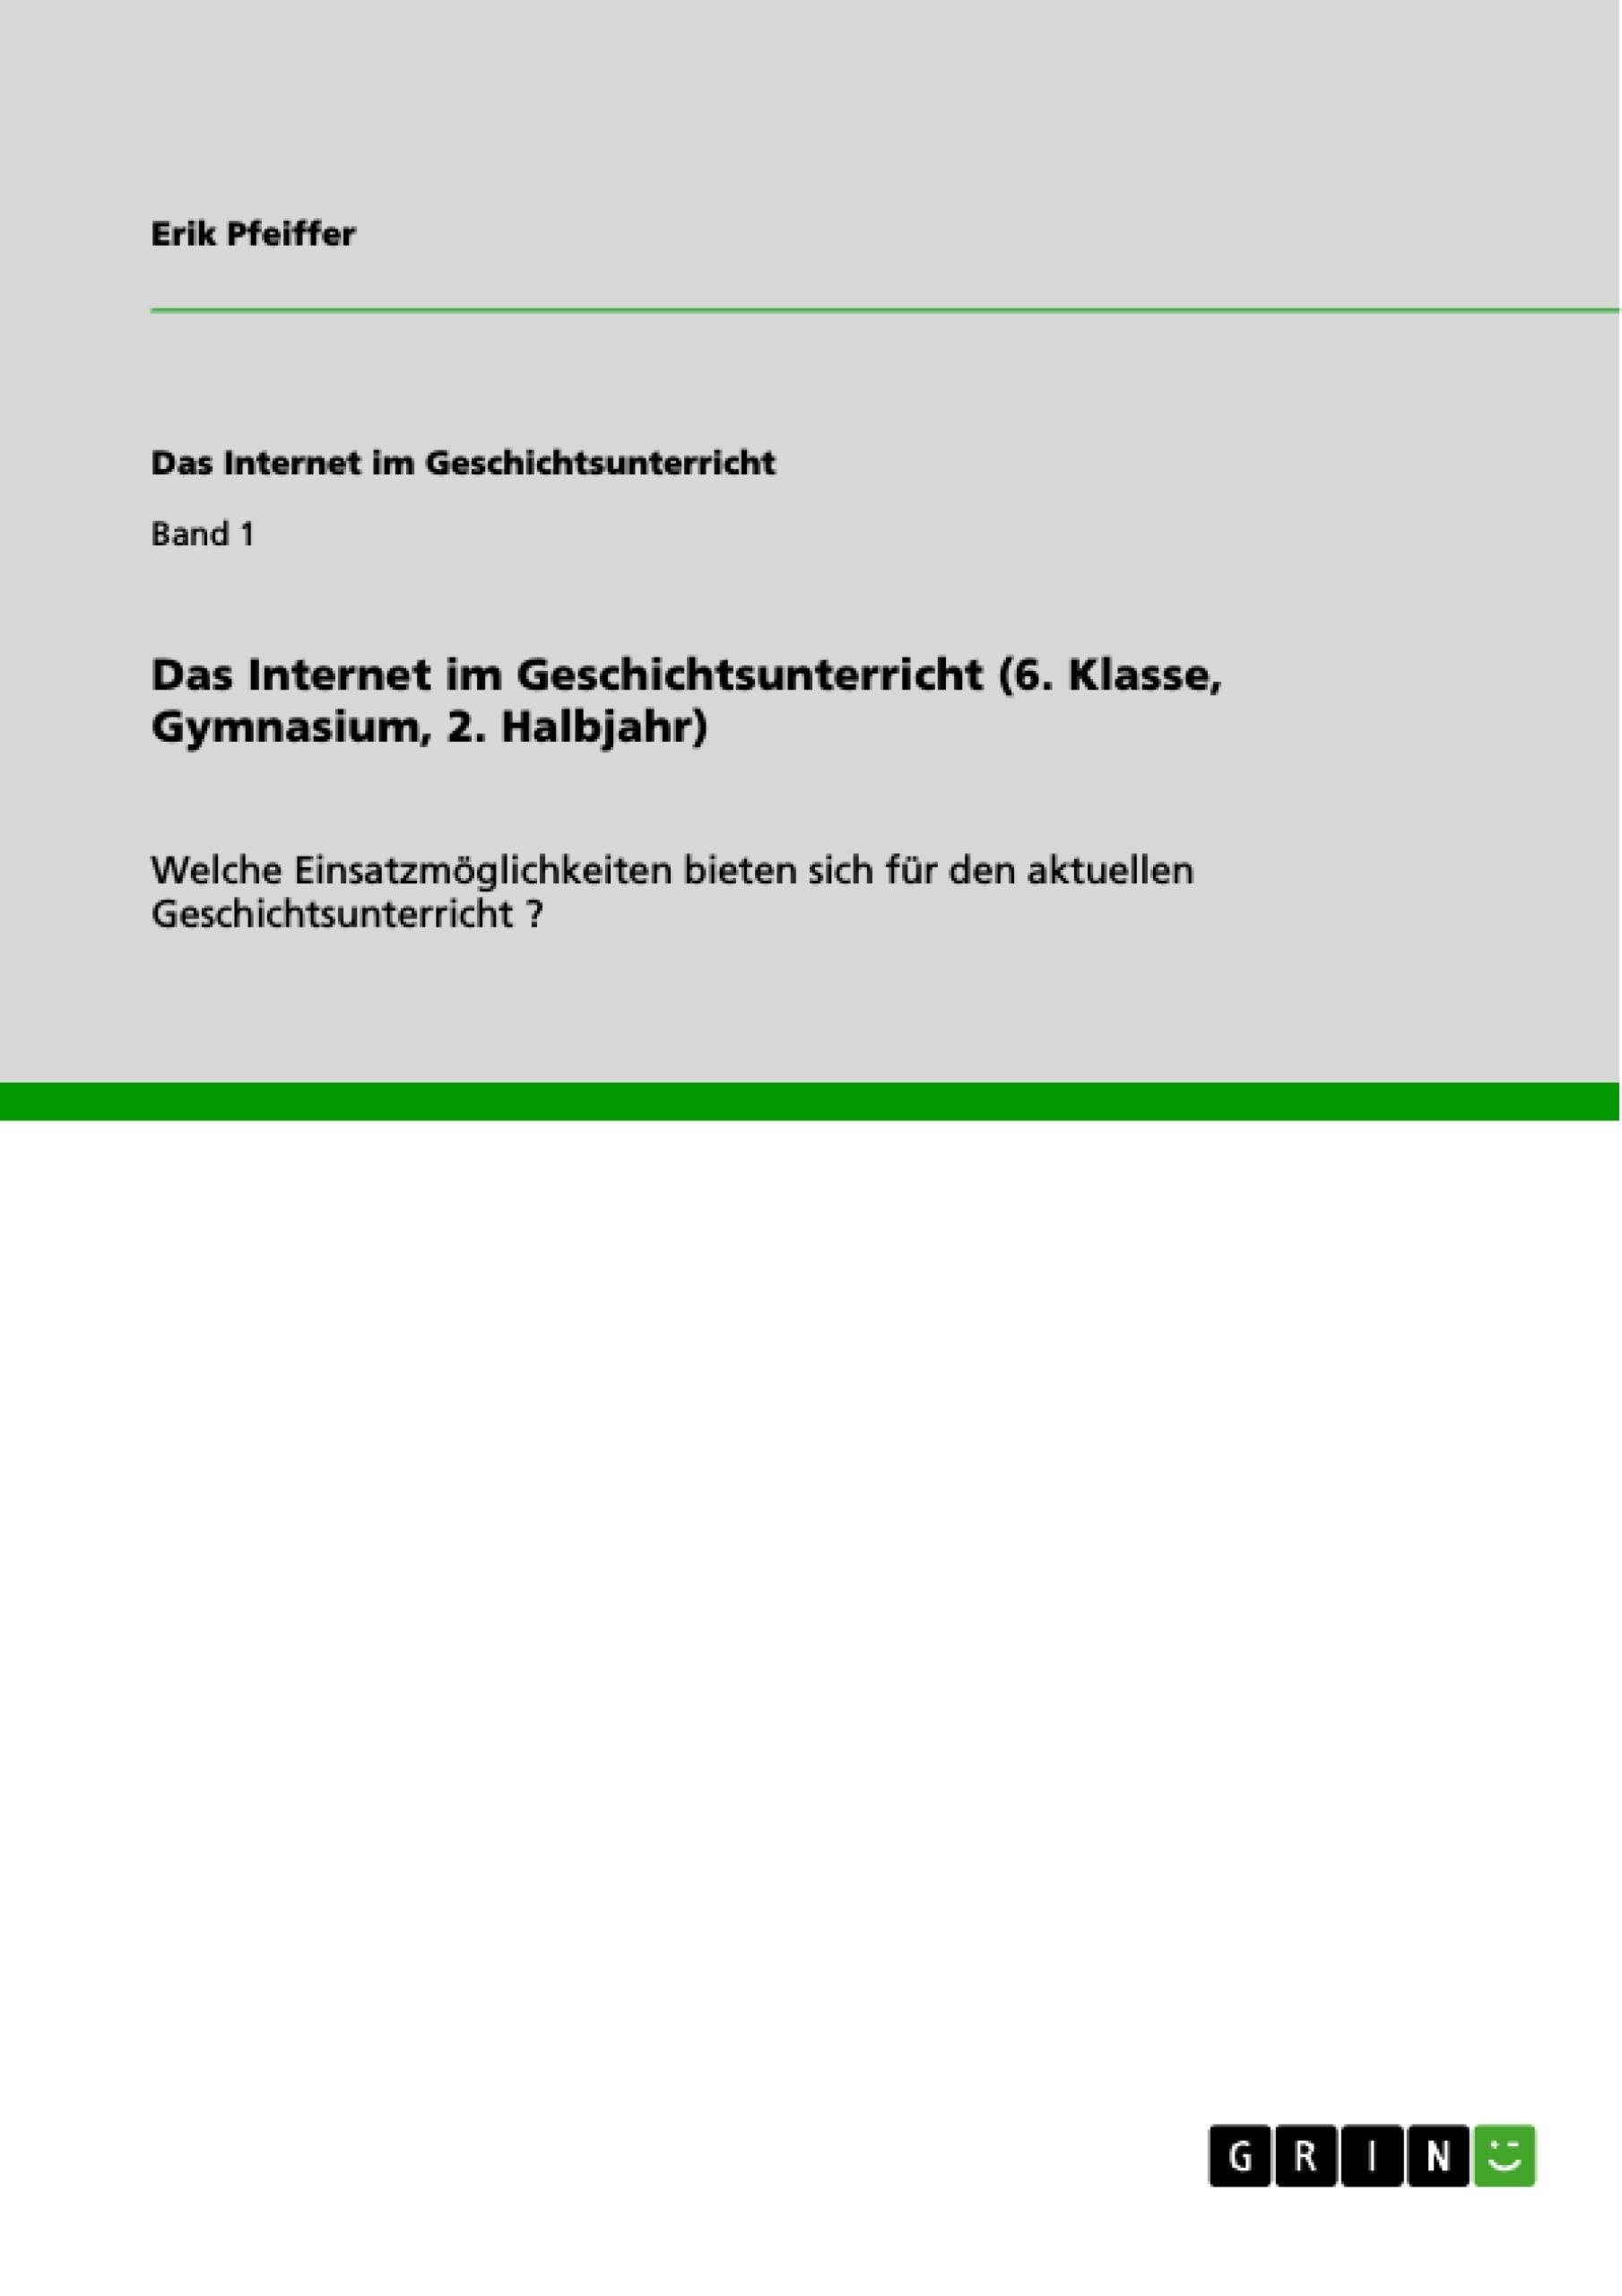 Titel: Das Internet im Geschichtsunterricht (6. Klasse, Gymnasium, 2. Halbjahr)